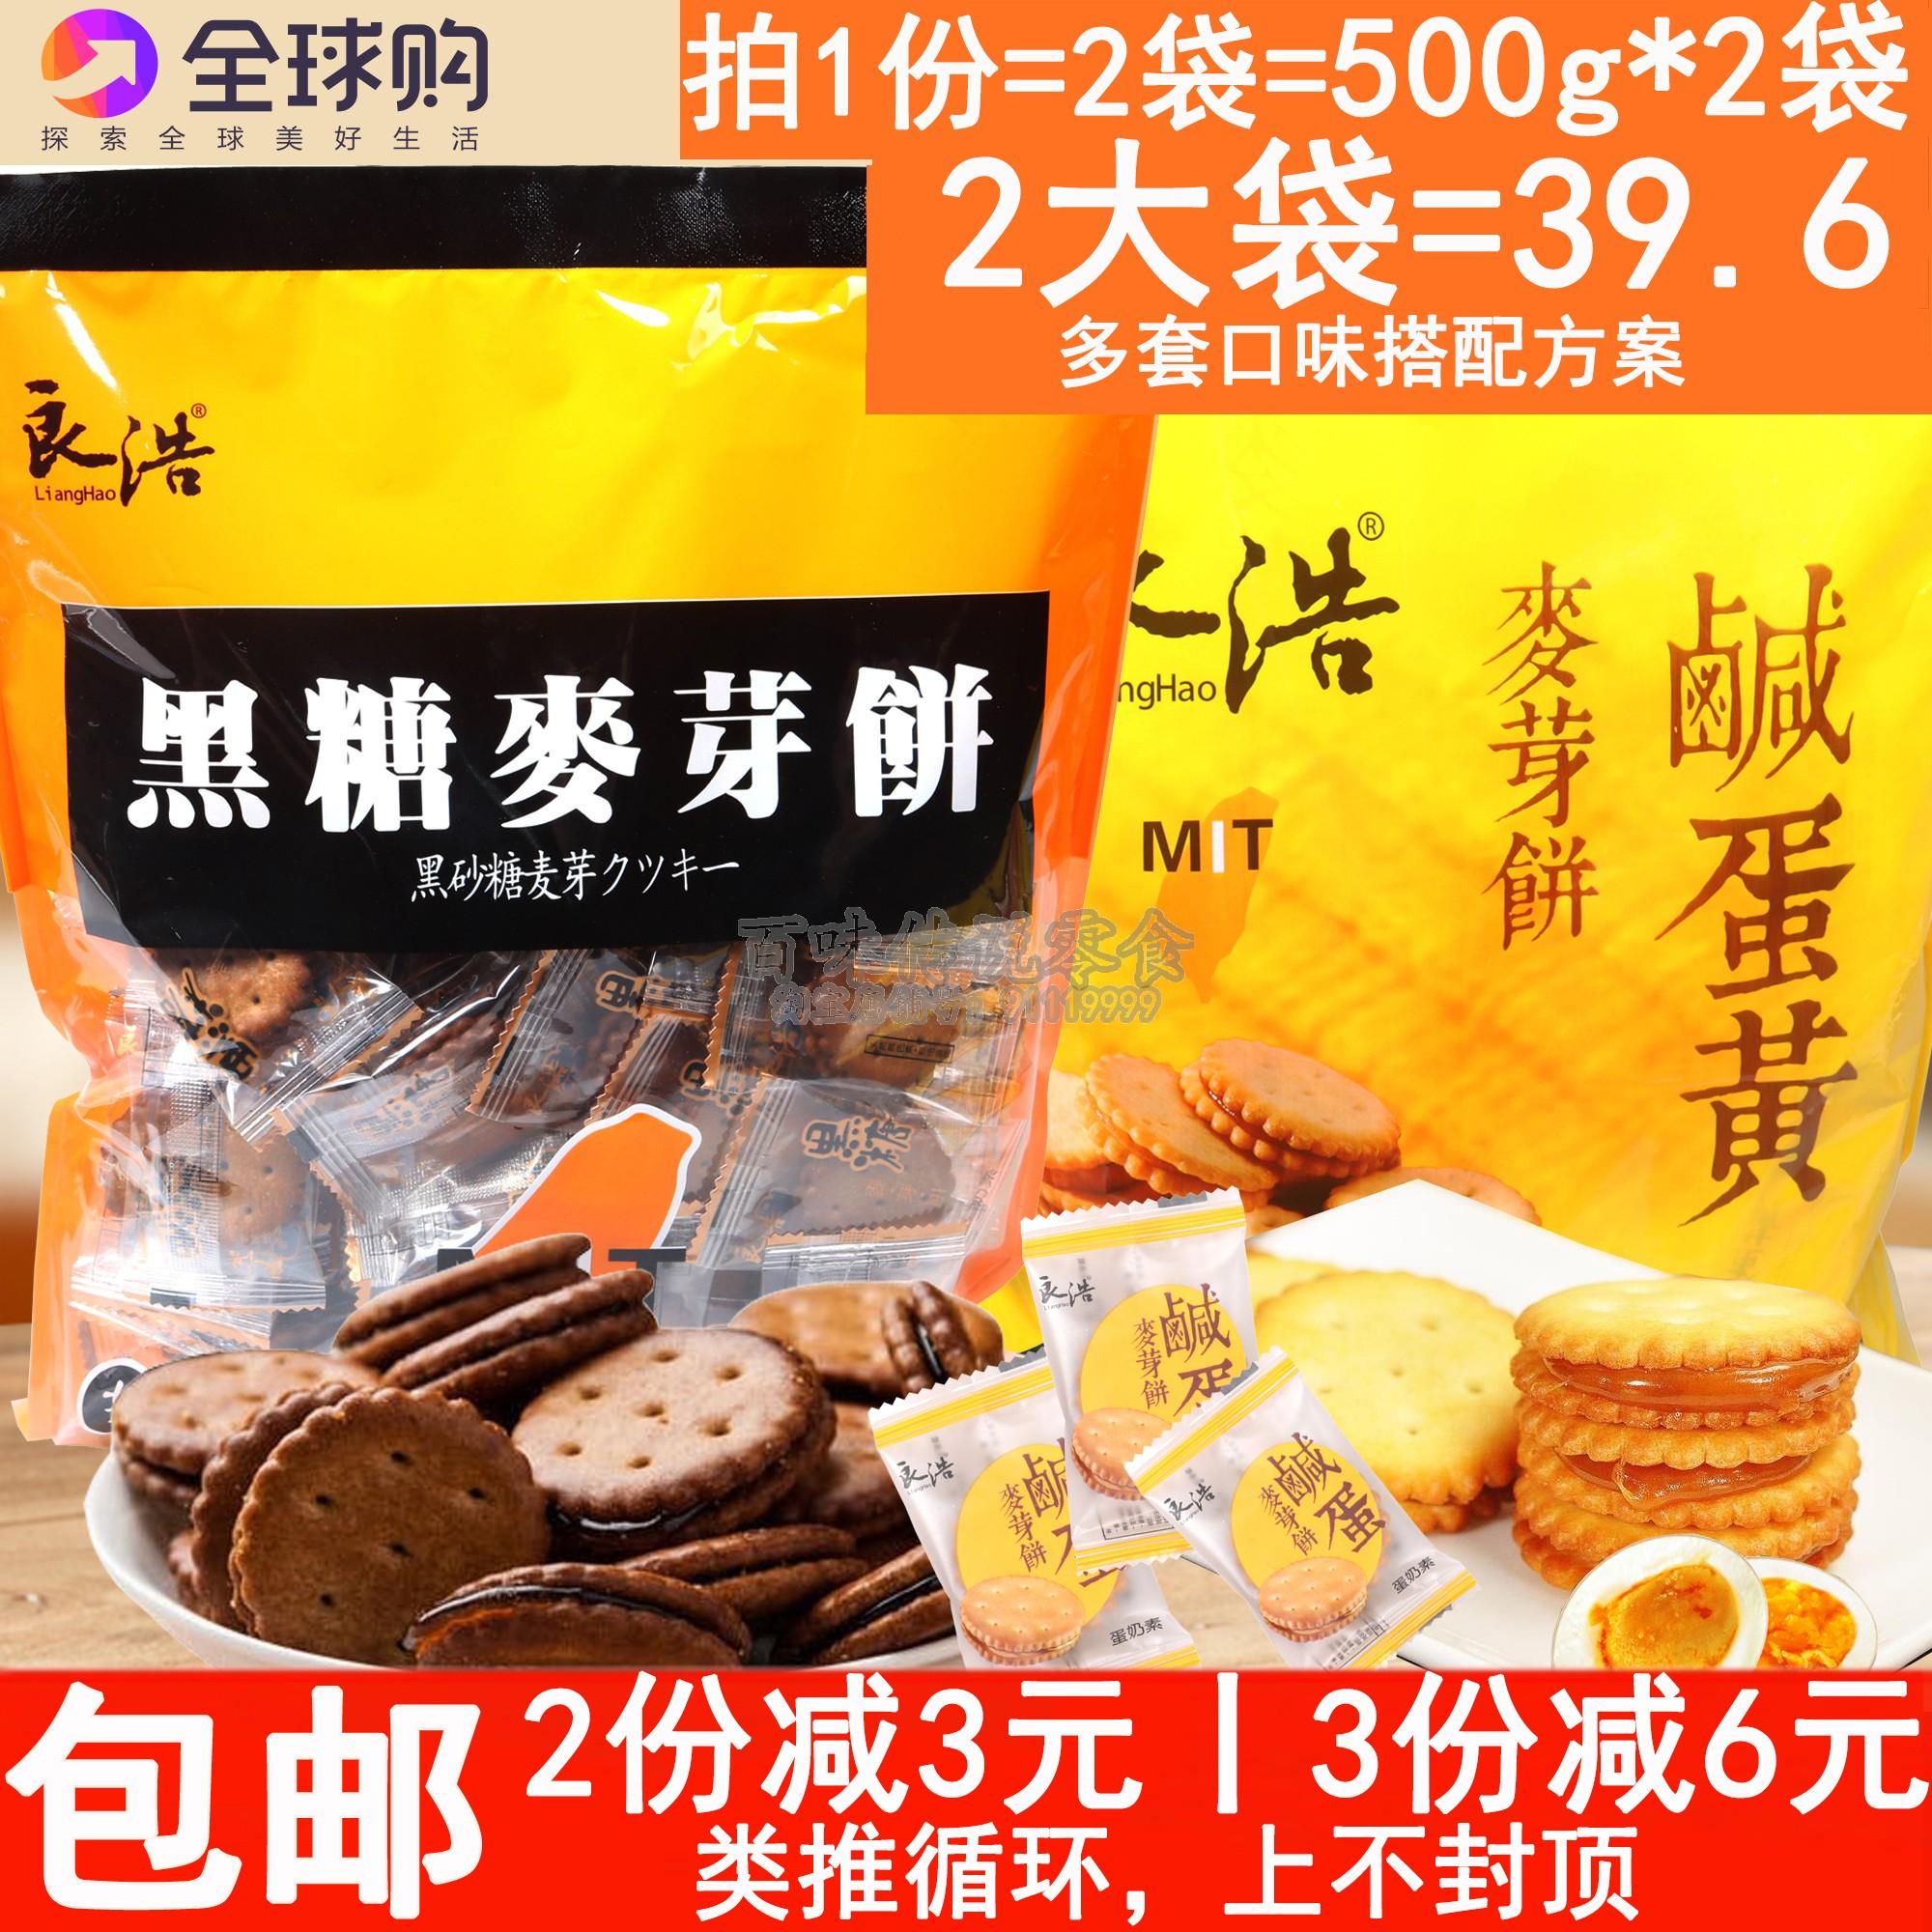 台湾良浩黑糖饼干咸蛋黄夹心麦芽饼干2袋组合黑糖咸蛋麦芽饼包邮